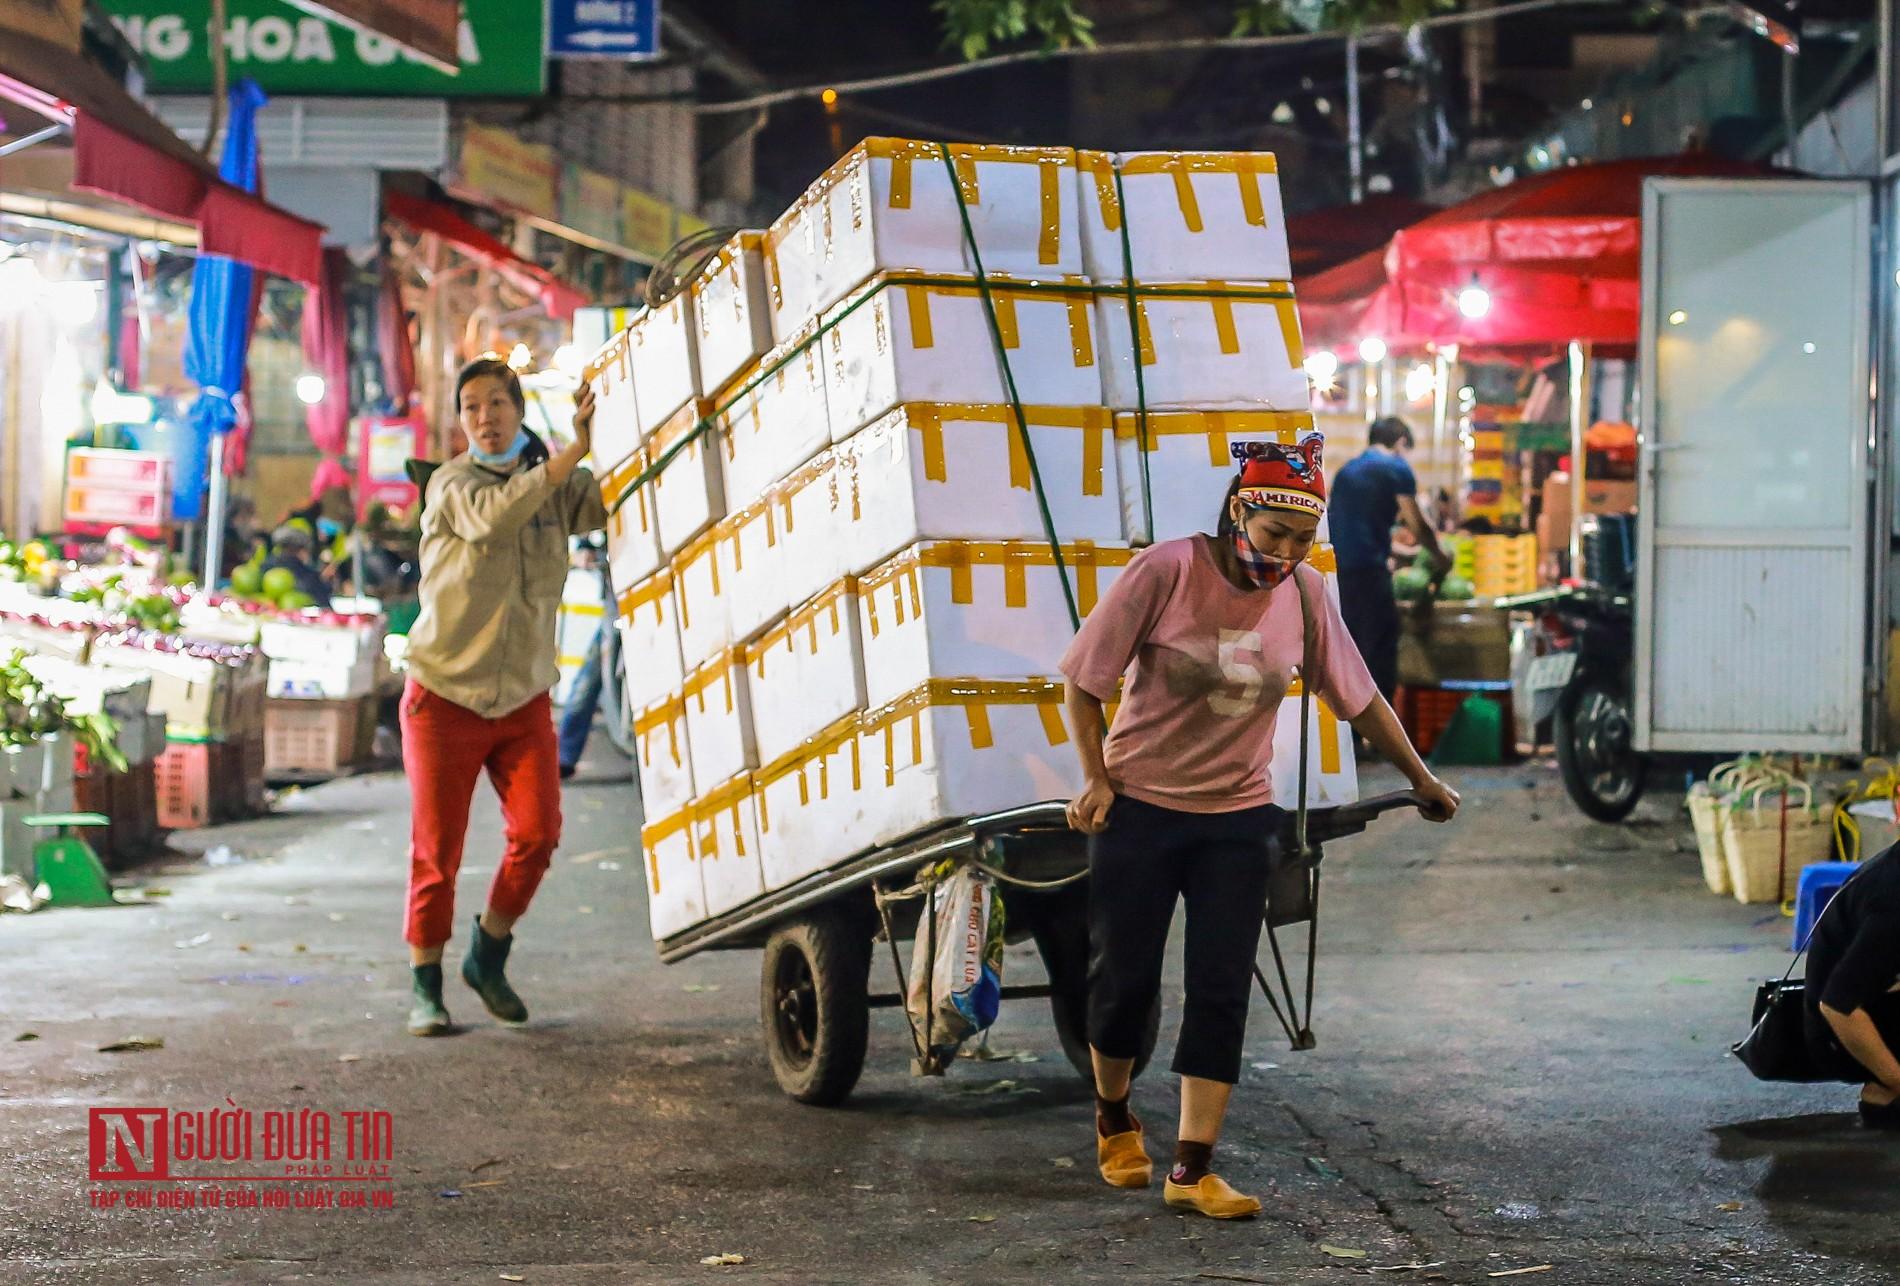 Người lao động vui vẻ kéo hàng trong đêm tại chợ hoa quả đầu mối-6